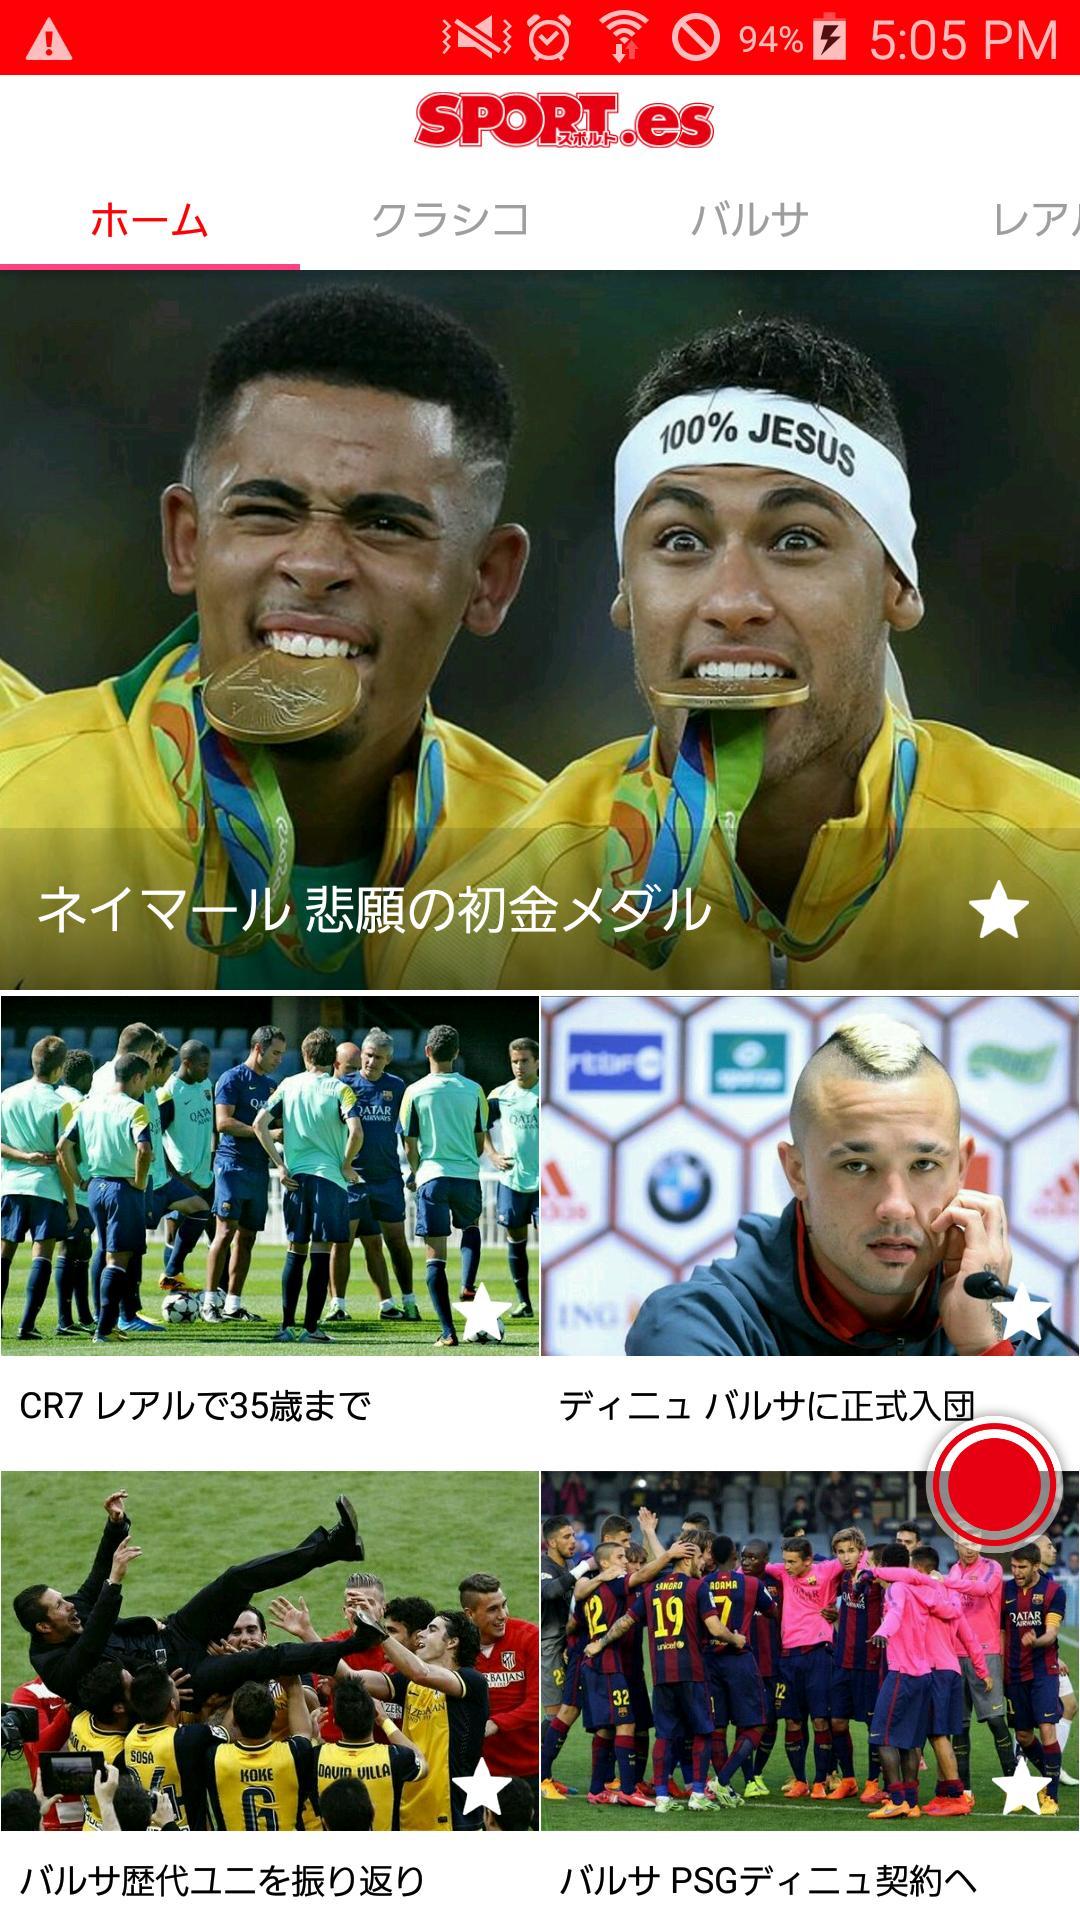 ニュース 海外 サッカー